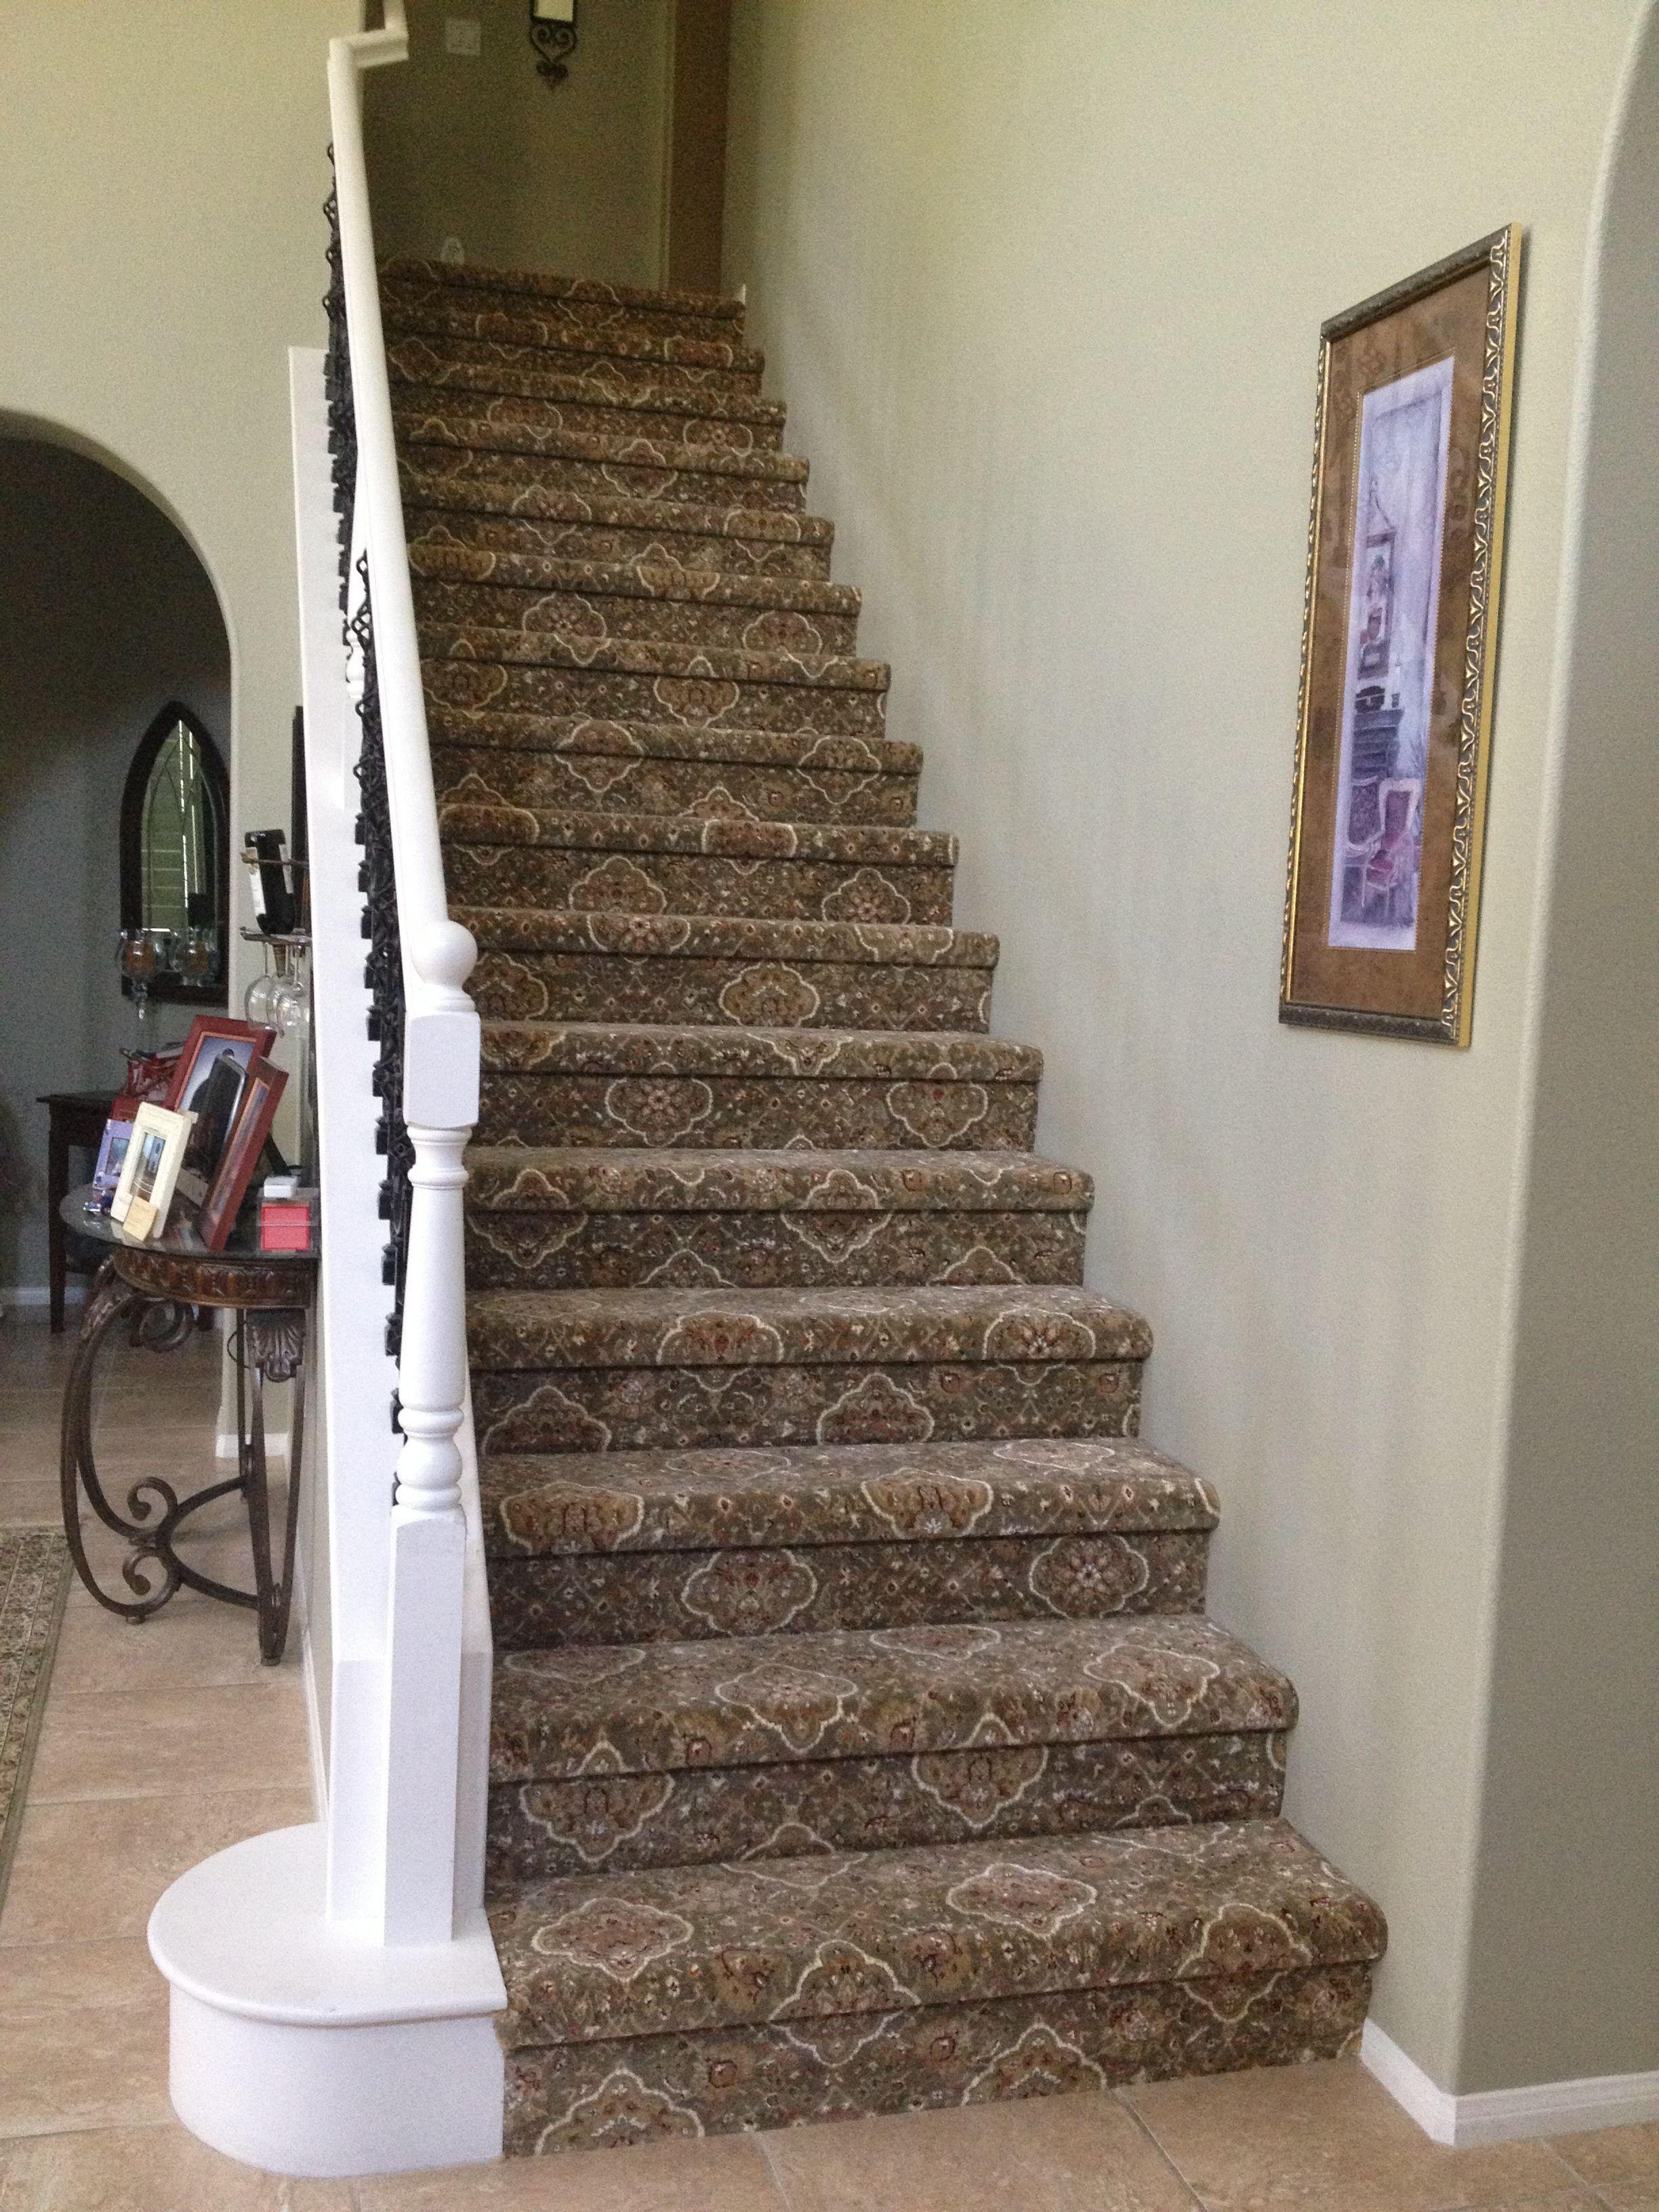 52 Elegant Carpet Pattern Design Ideas For 2019 Roundecor Patterned Stair Carpet Patterned Carpet Stair Runner Carpet